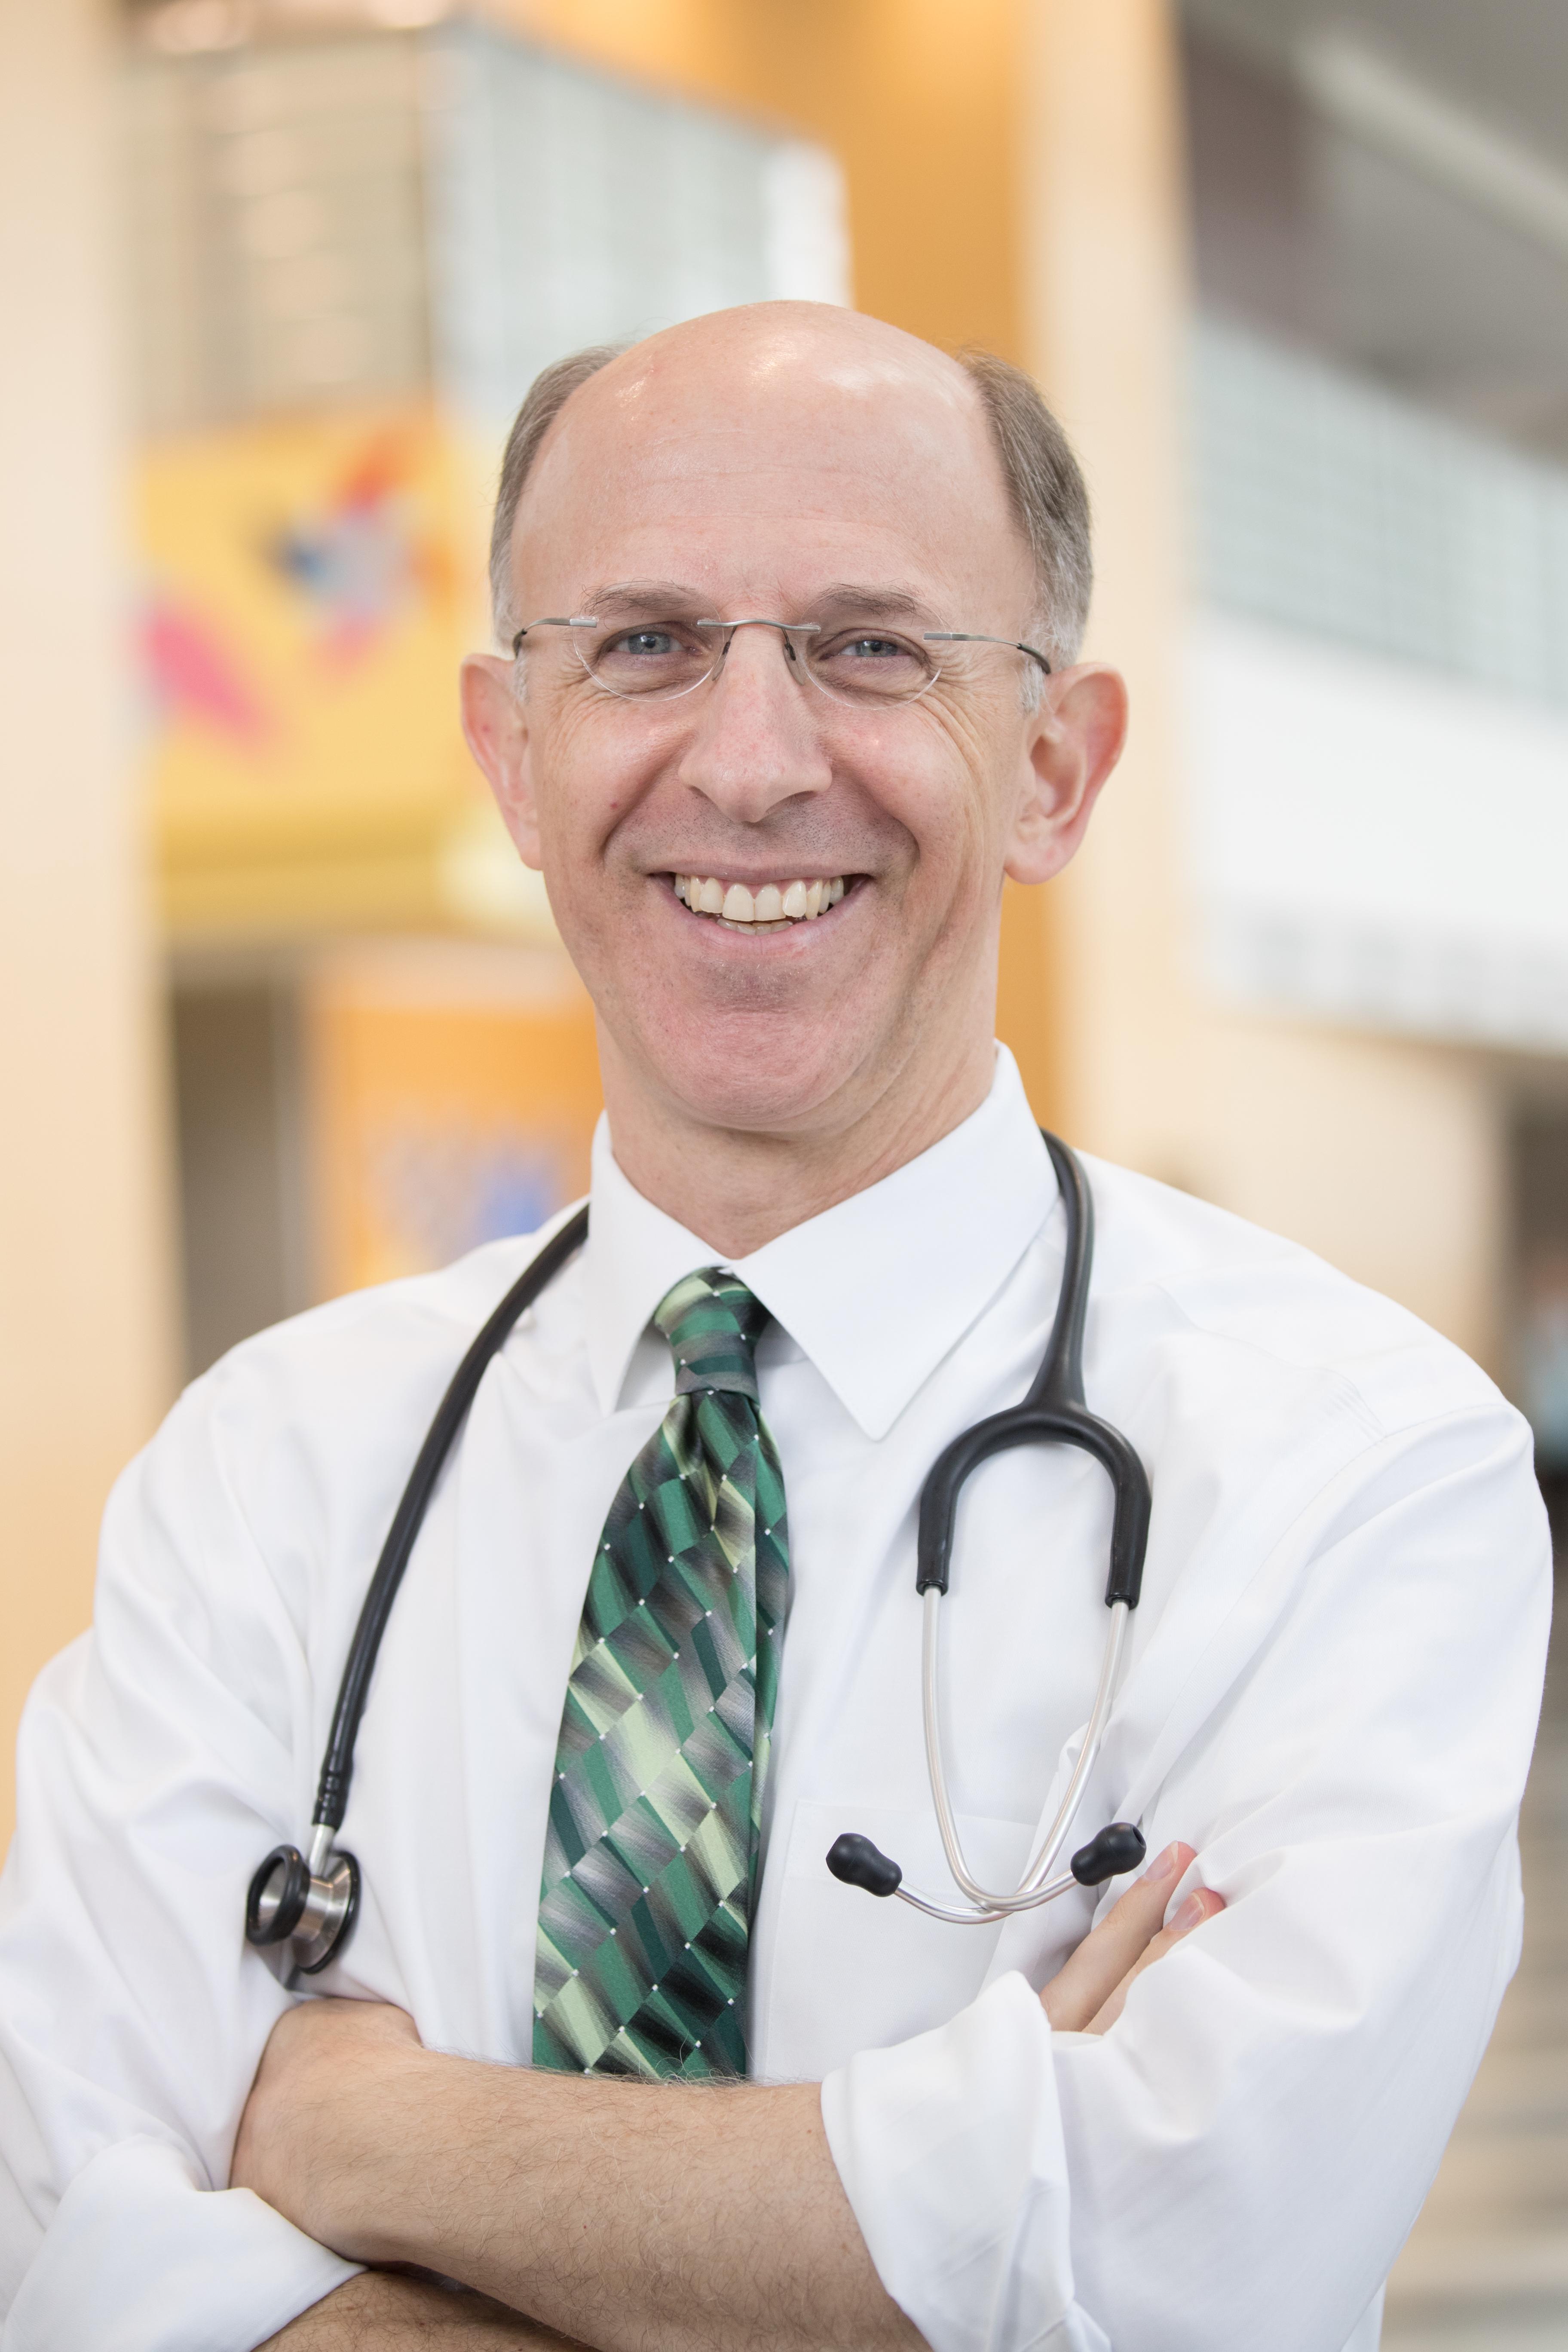 Joshua Alexander, MD